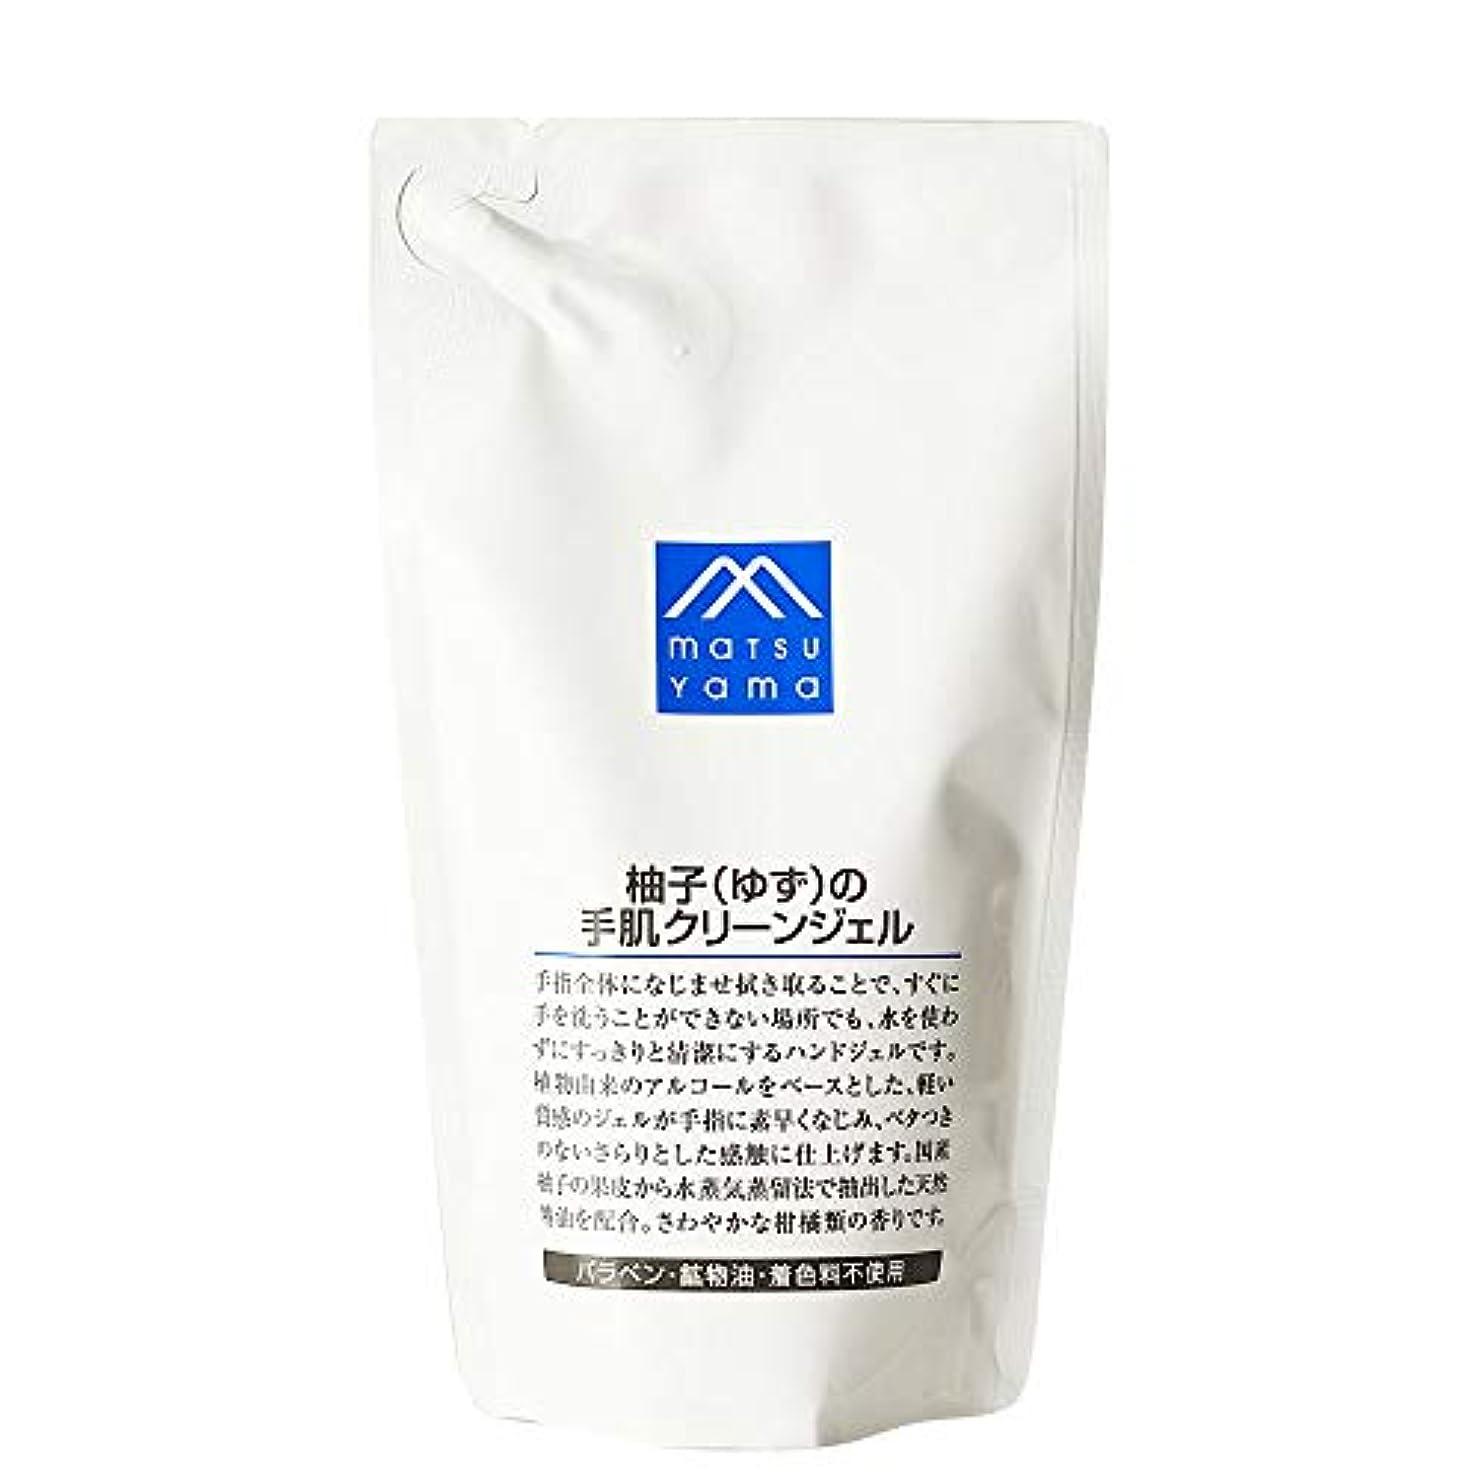 バウンス容赦ない朝ごはん柚子(ゆず)の手肌クリーンジェル 詰替用